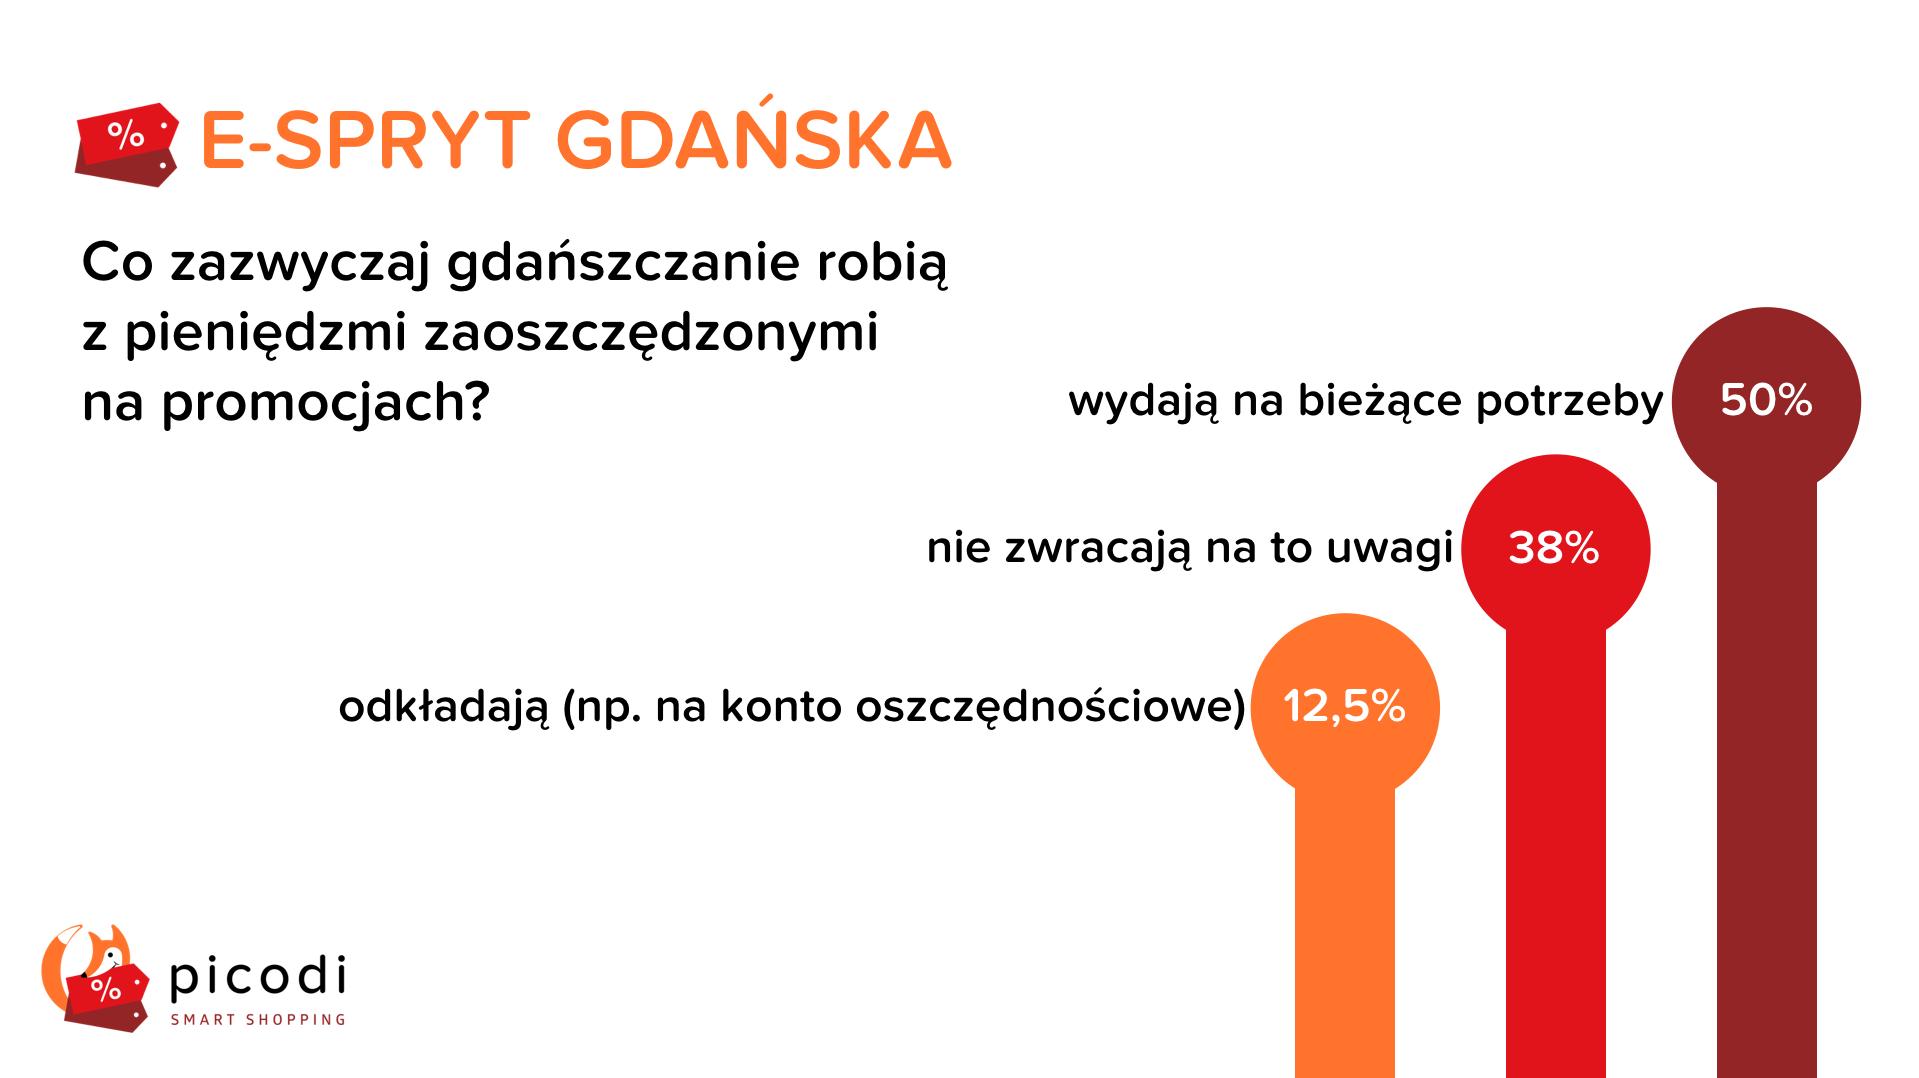 E-spryt Gdańska